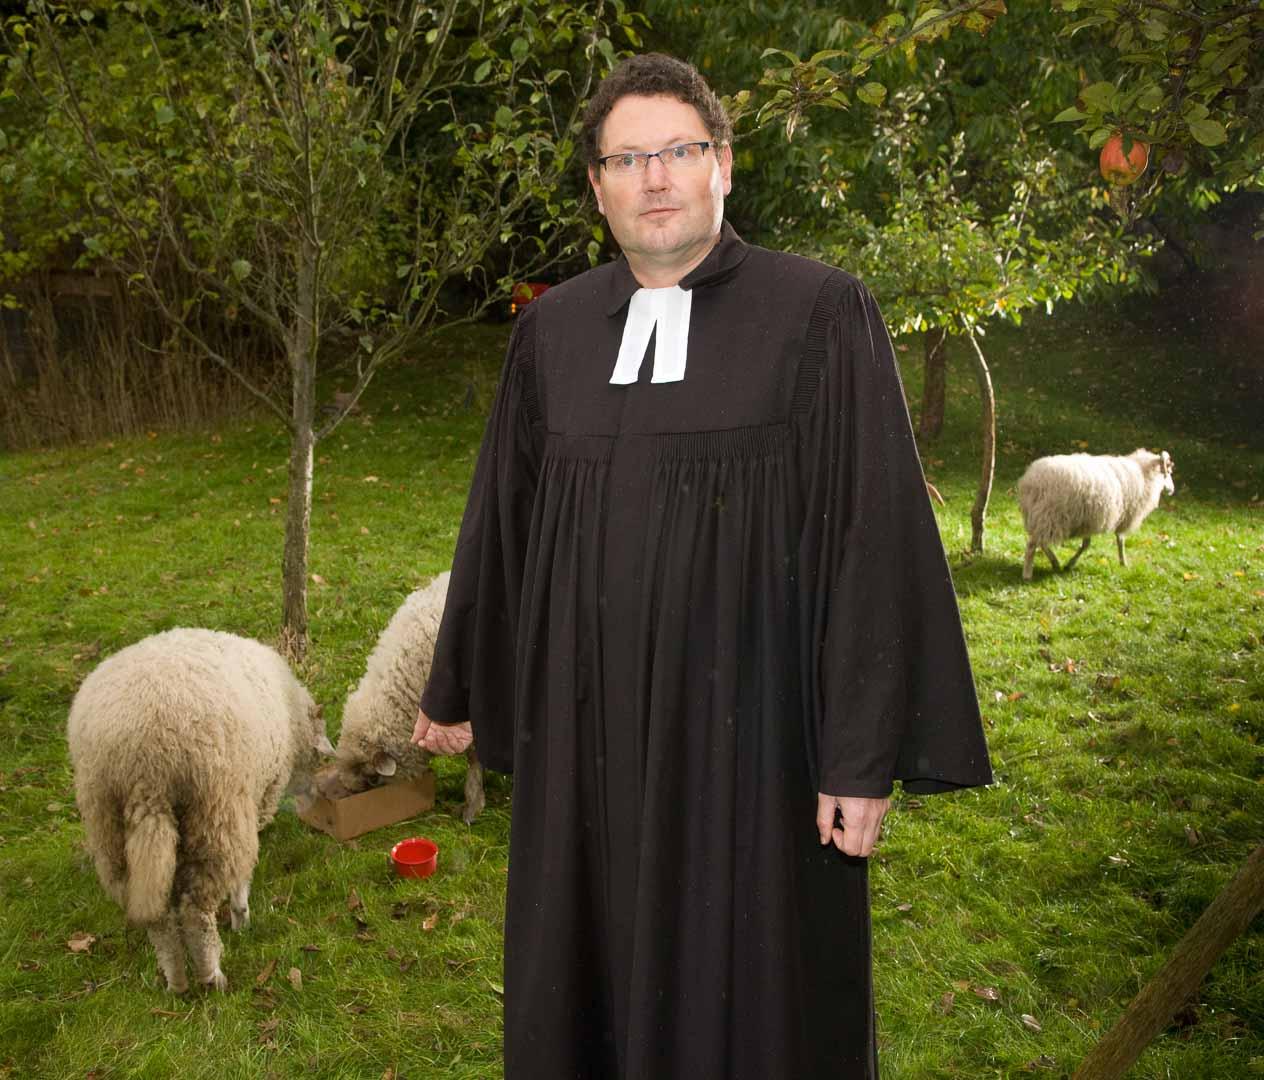 Armin Prä , Pfarrer im Garten des Pfarrhauses Dobin mit seinen Robustschafen.